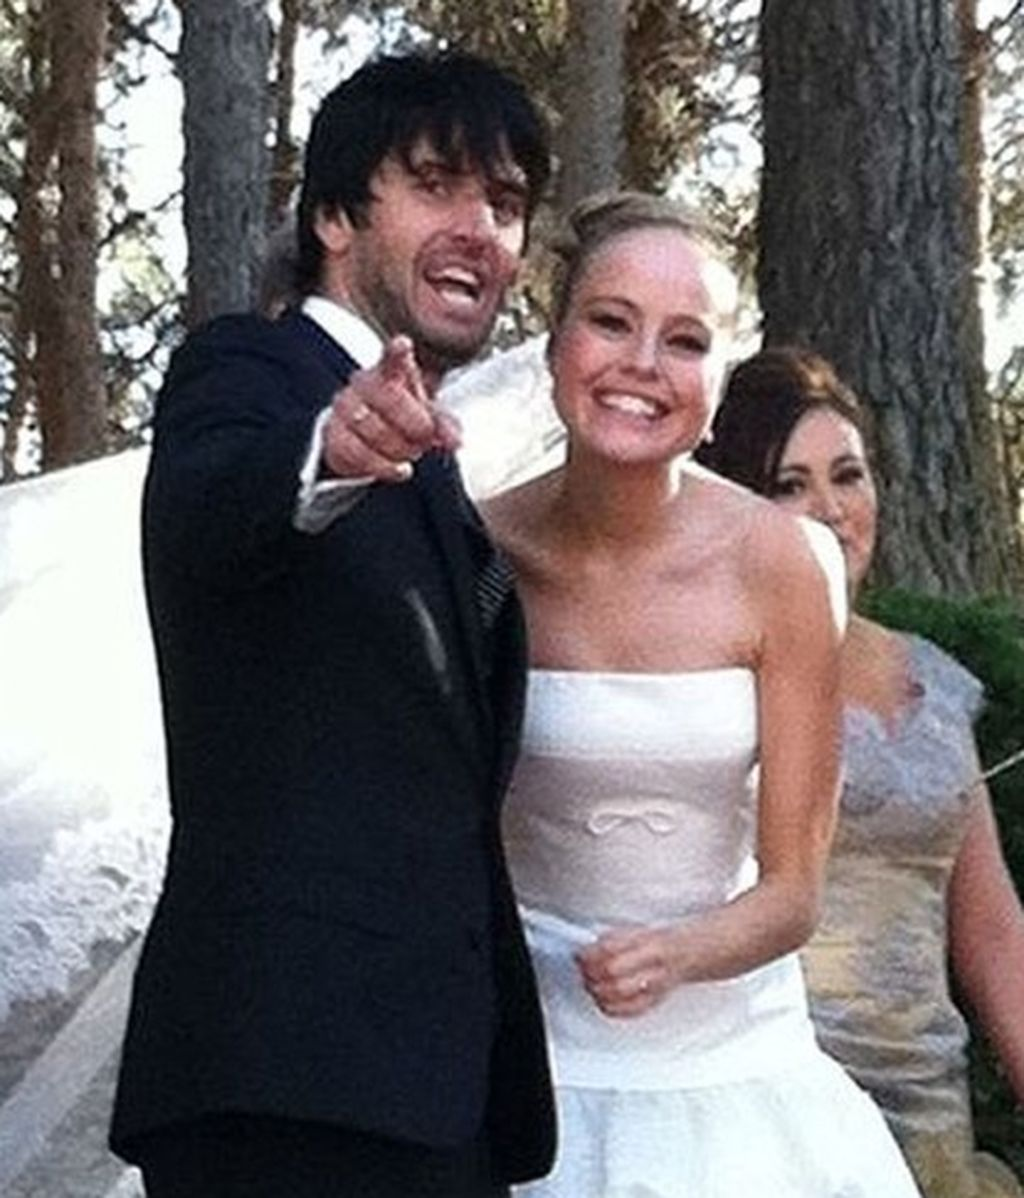 La boda sorpresa y retransmitida por Twitter de Esmeralda Moya y Carlos García